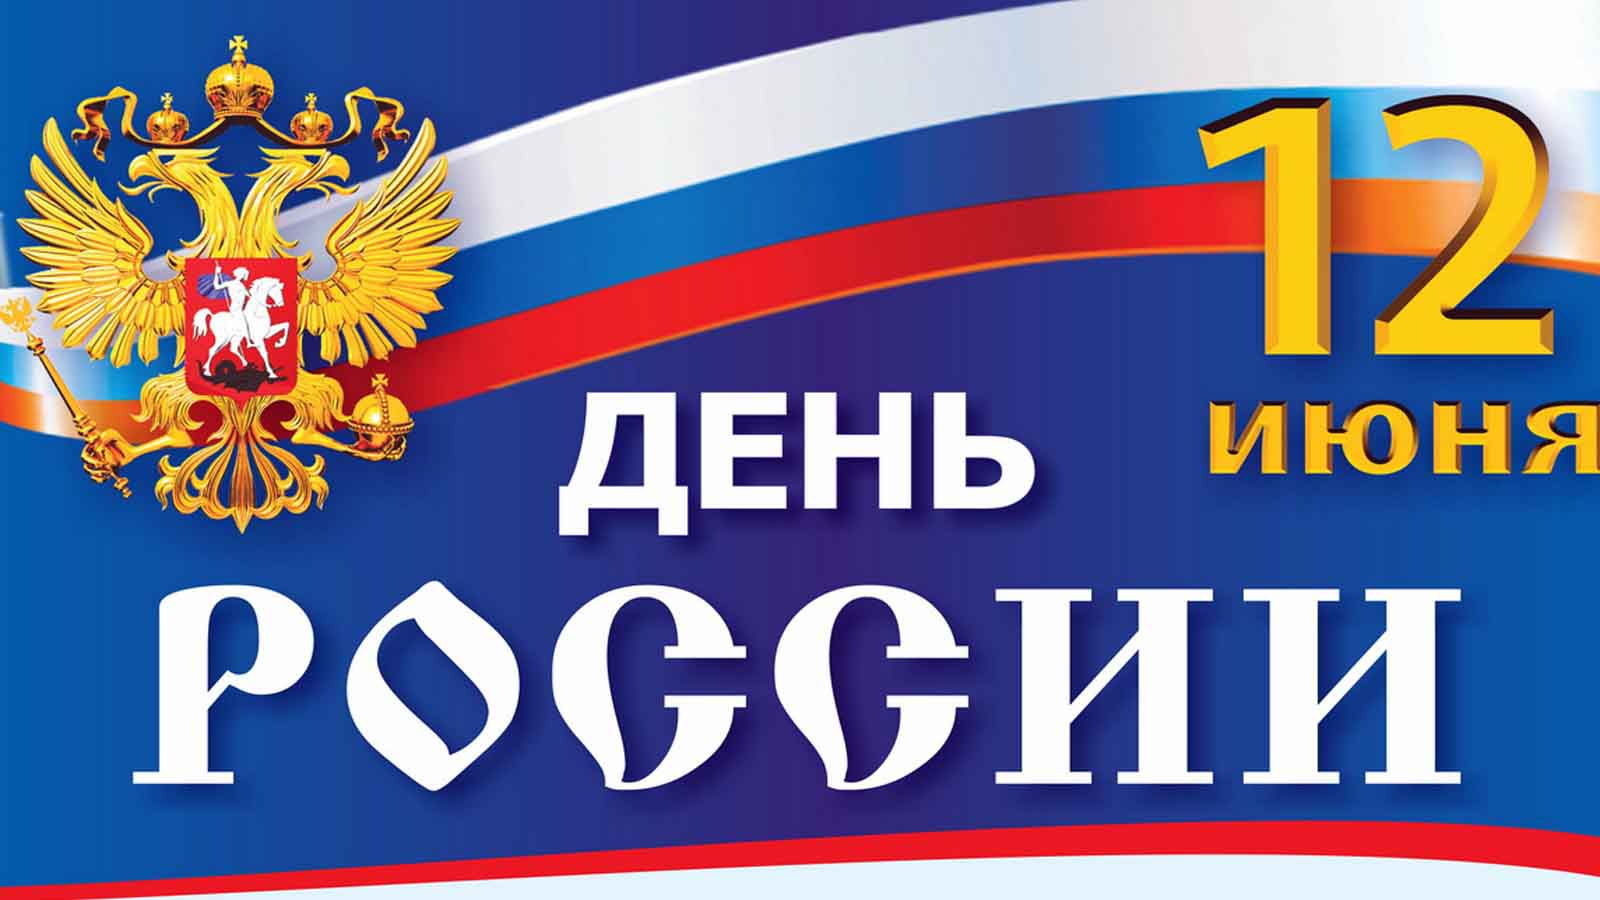 Е.А Фролов: «Наш с вами долг – передать потомкам сильную, крепкую и единую страну!»